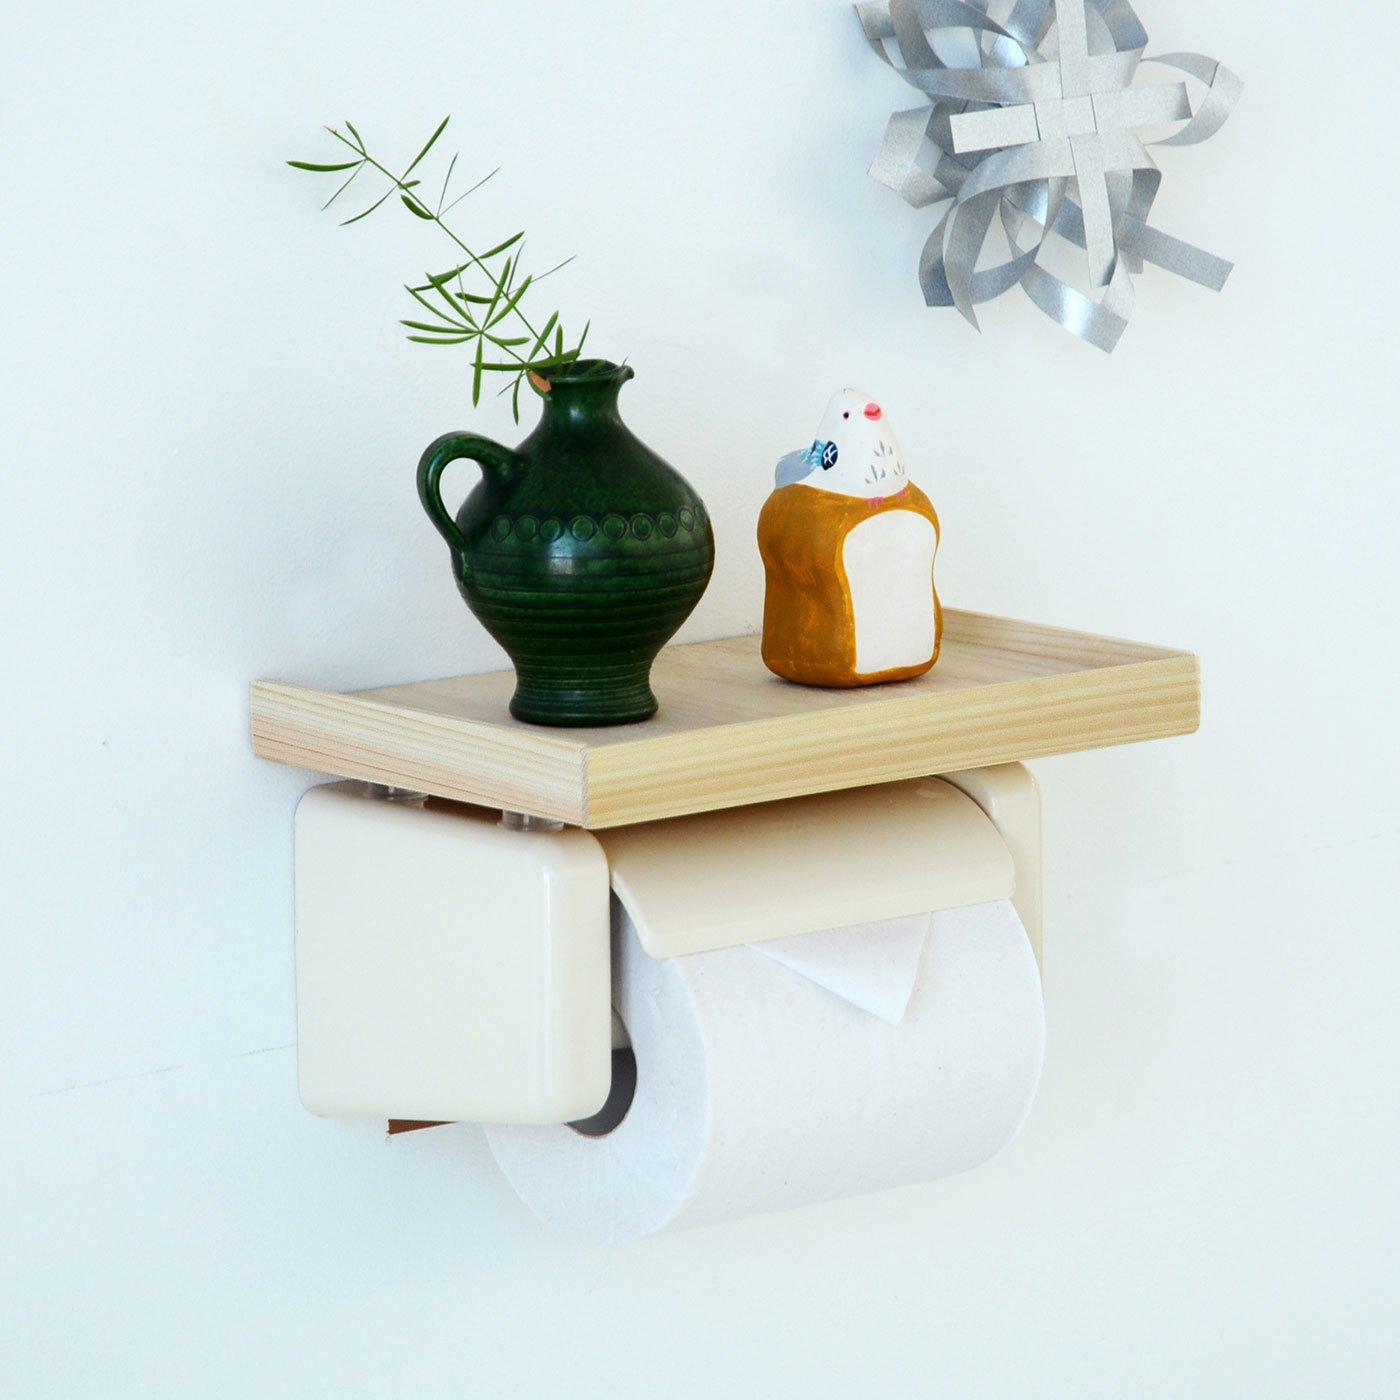 トイレットペーパーホルダーちょい置き棚DIYキット